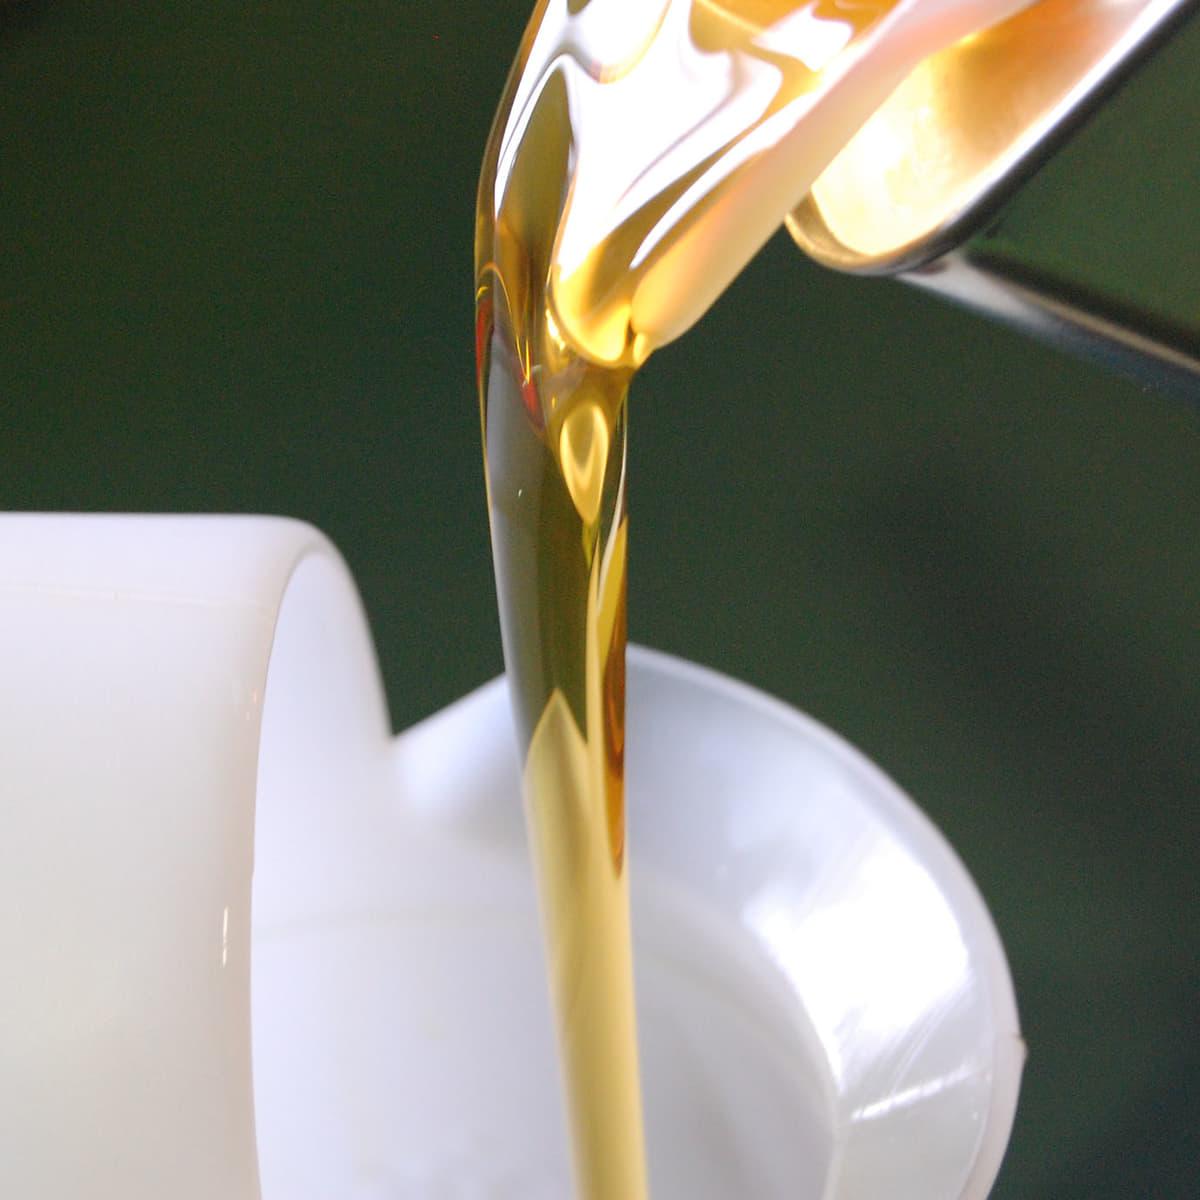 化学合成油でも種類によってはシール適合性に問題ないものがある